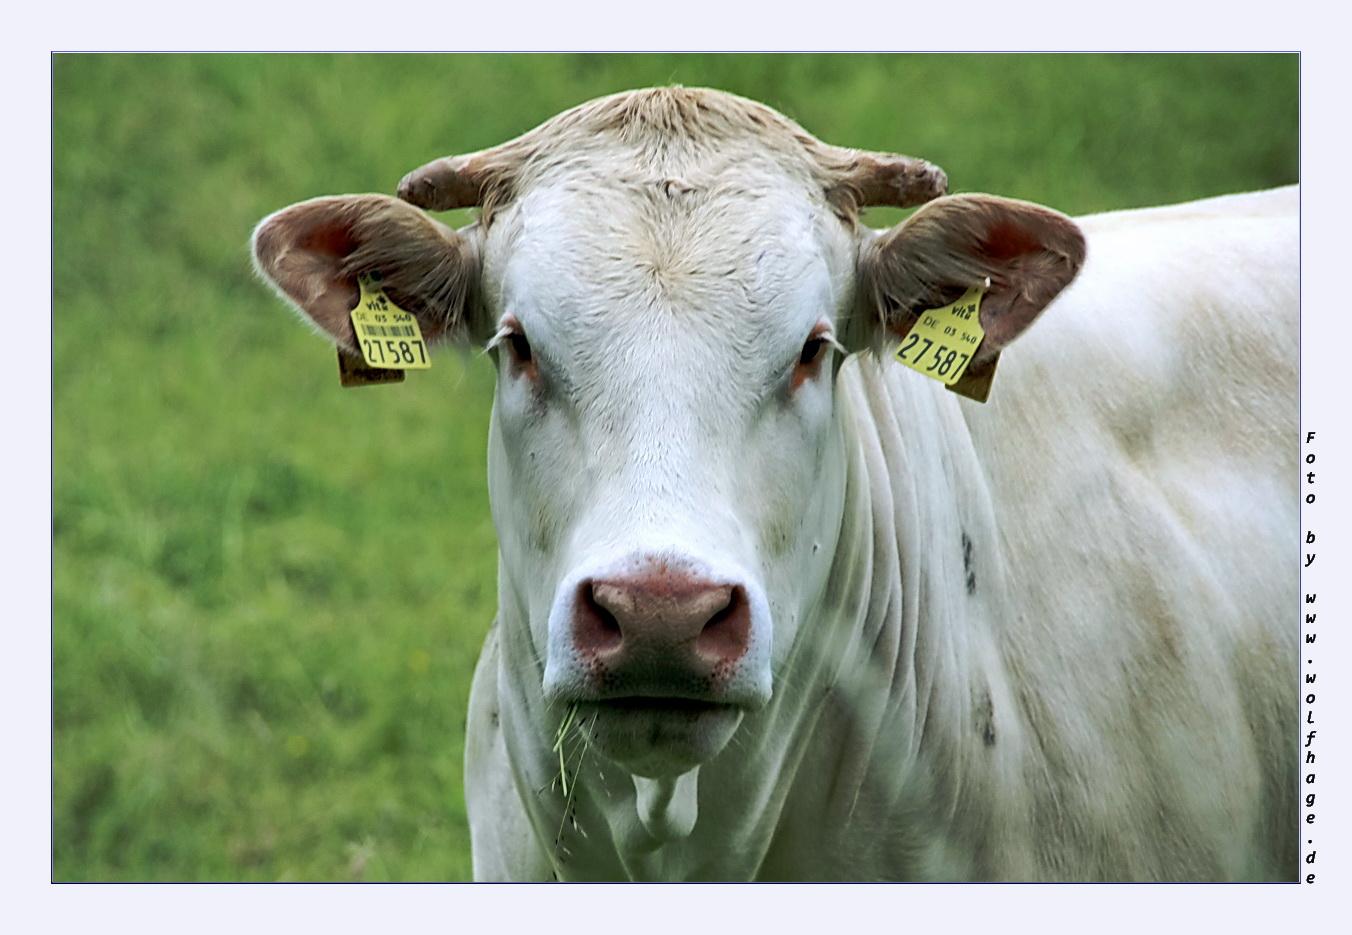 Hast du grad gesagt - ich gucke, wie eine dumme Kuh ???